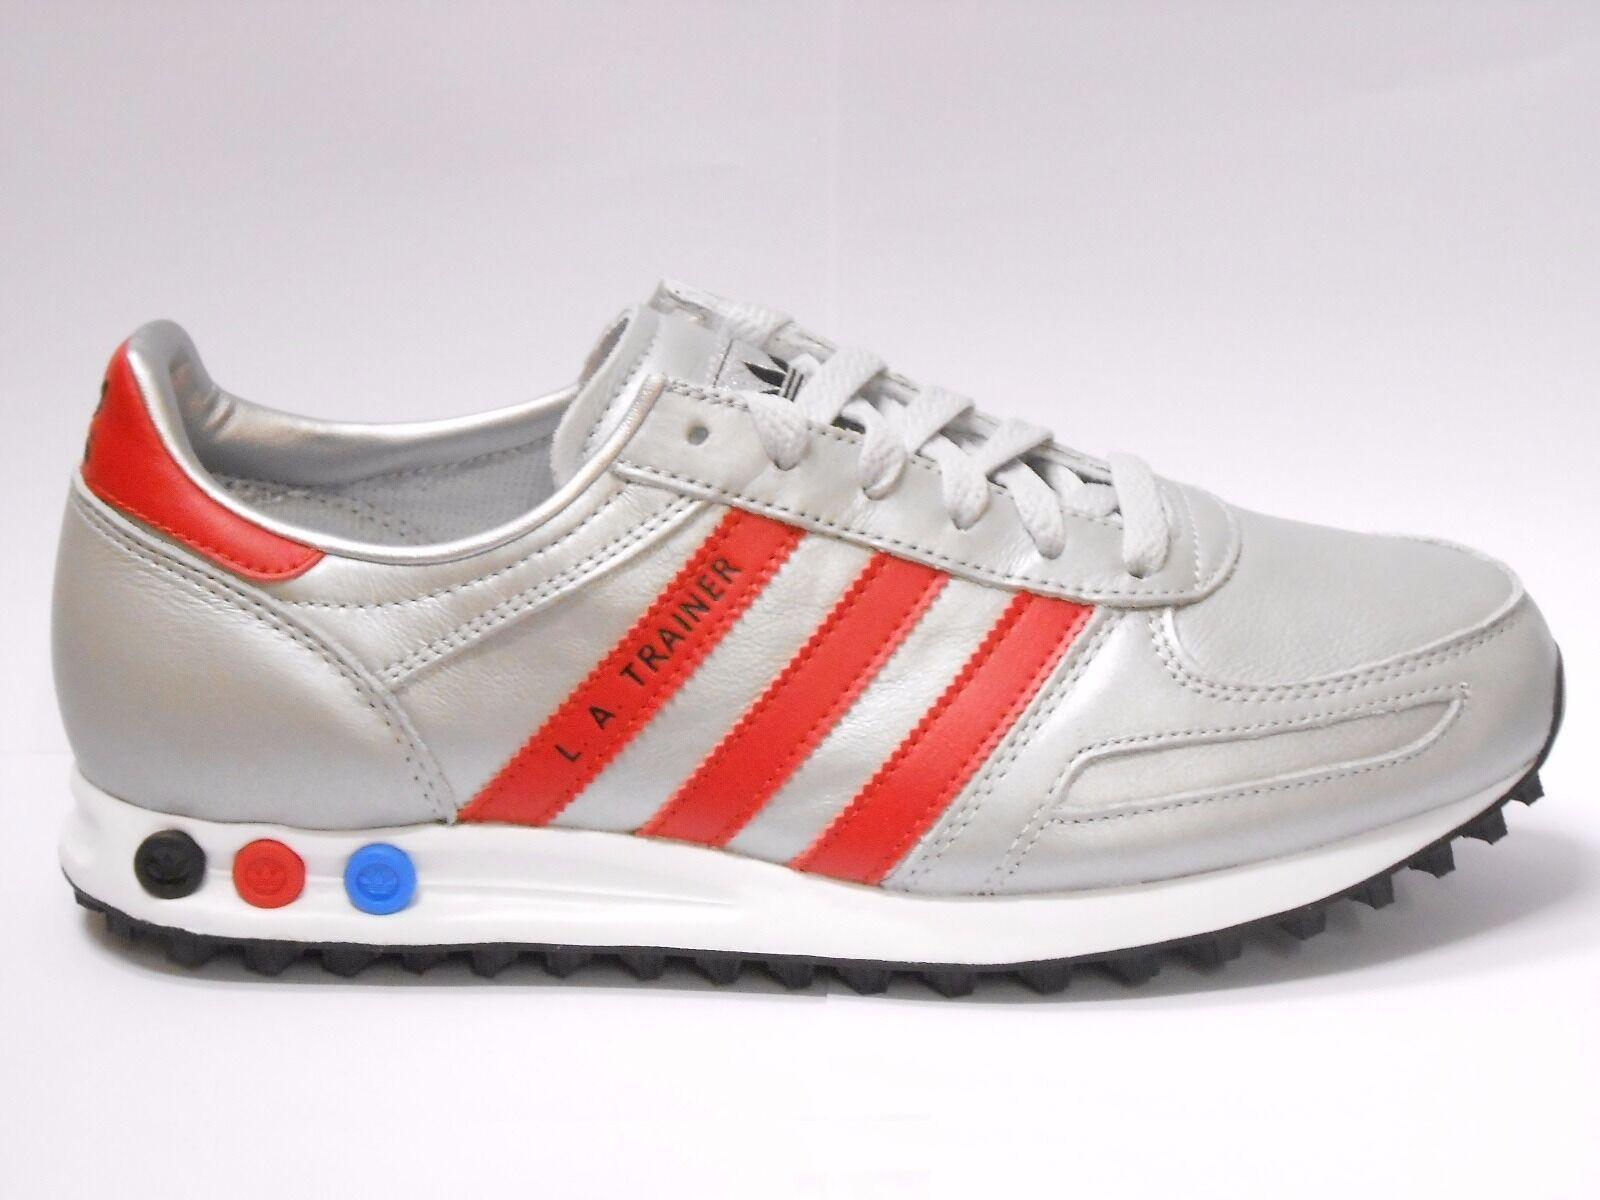 Adidas La Trainer Zapatos Hombre Talla 7.5 Plateado to 11.5 Met Rojo Plateado 7.5 Zapatillas 718a72